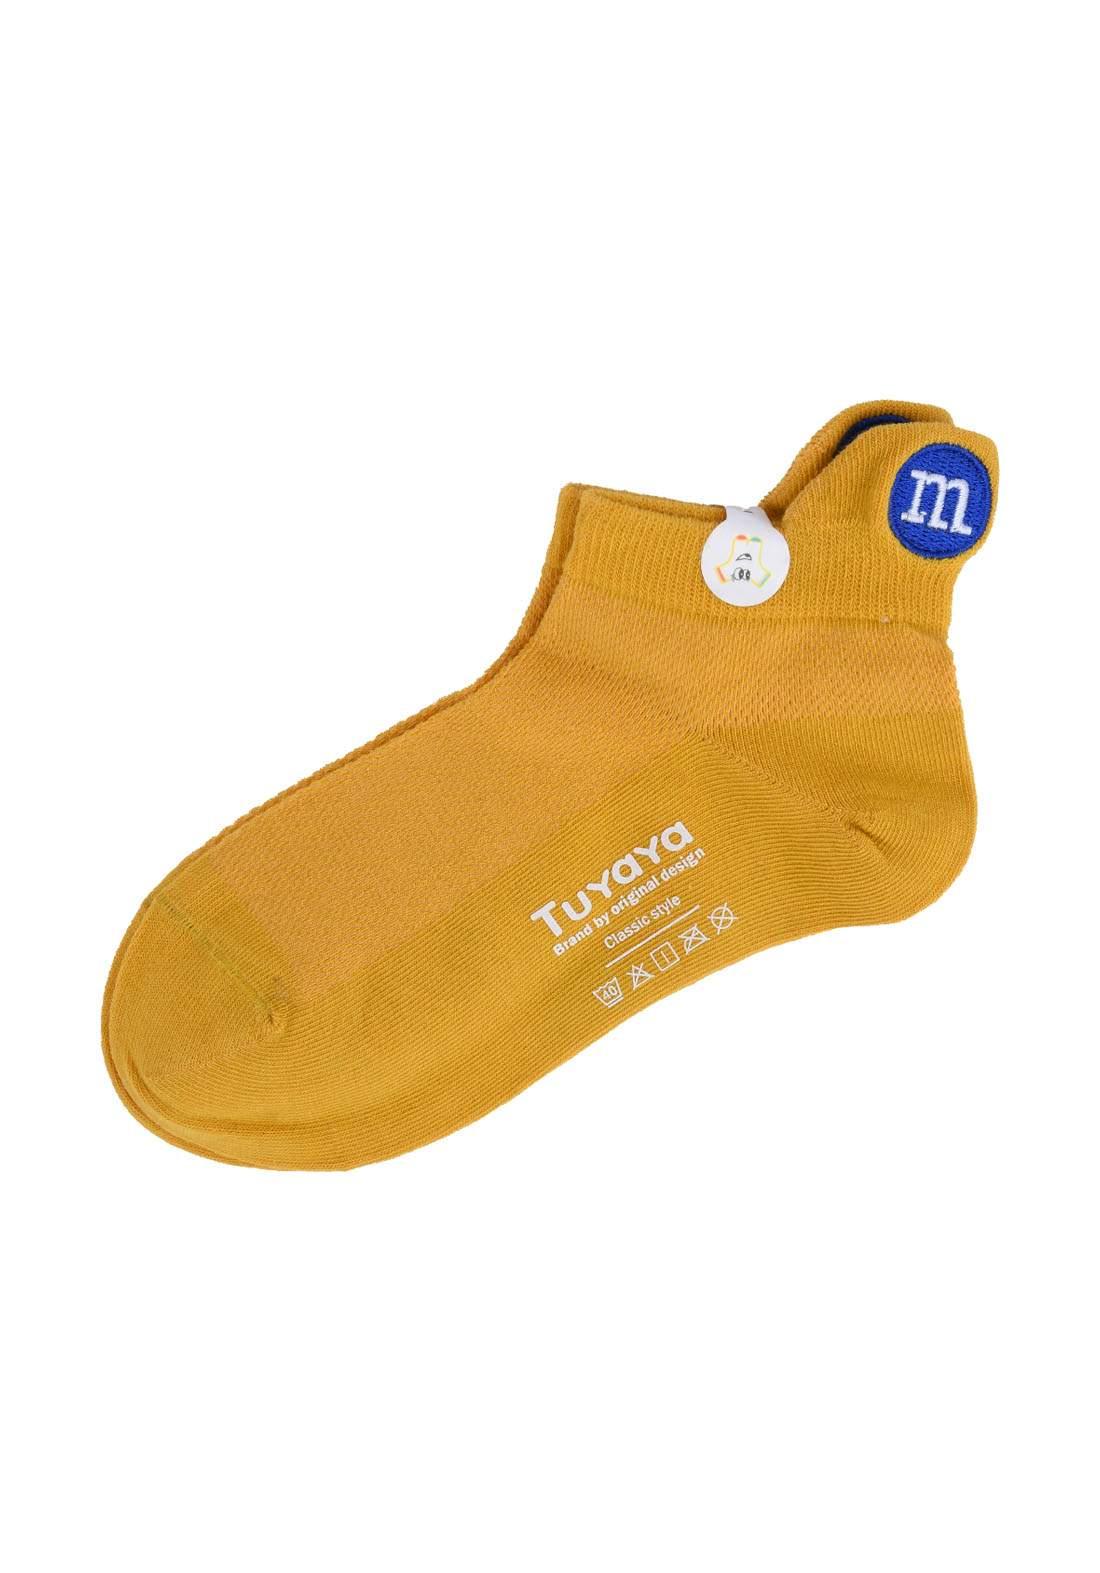 Tuyaya جوراب اطفال اصفر اللون من